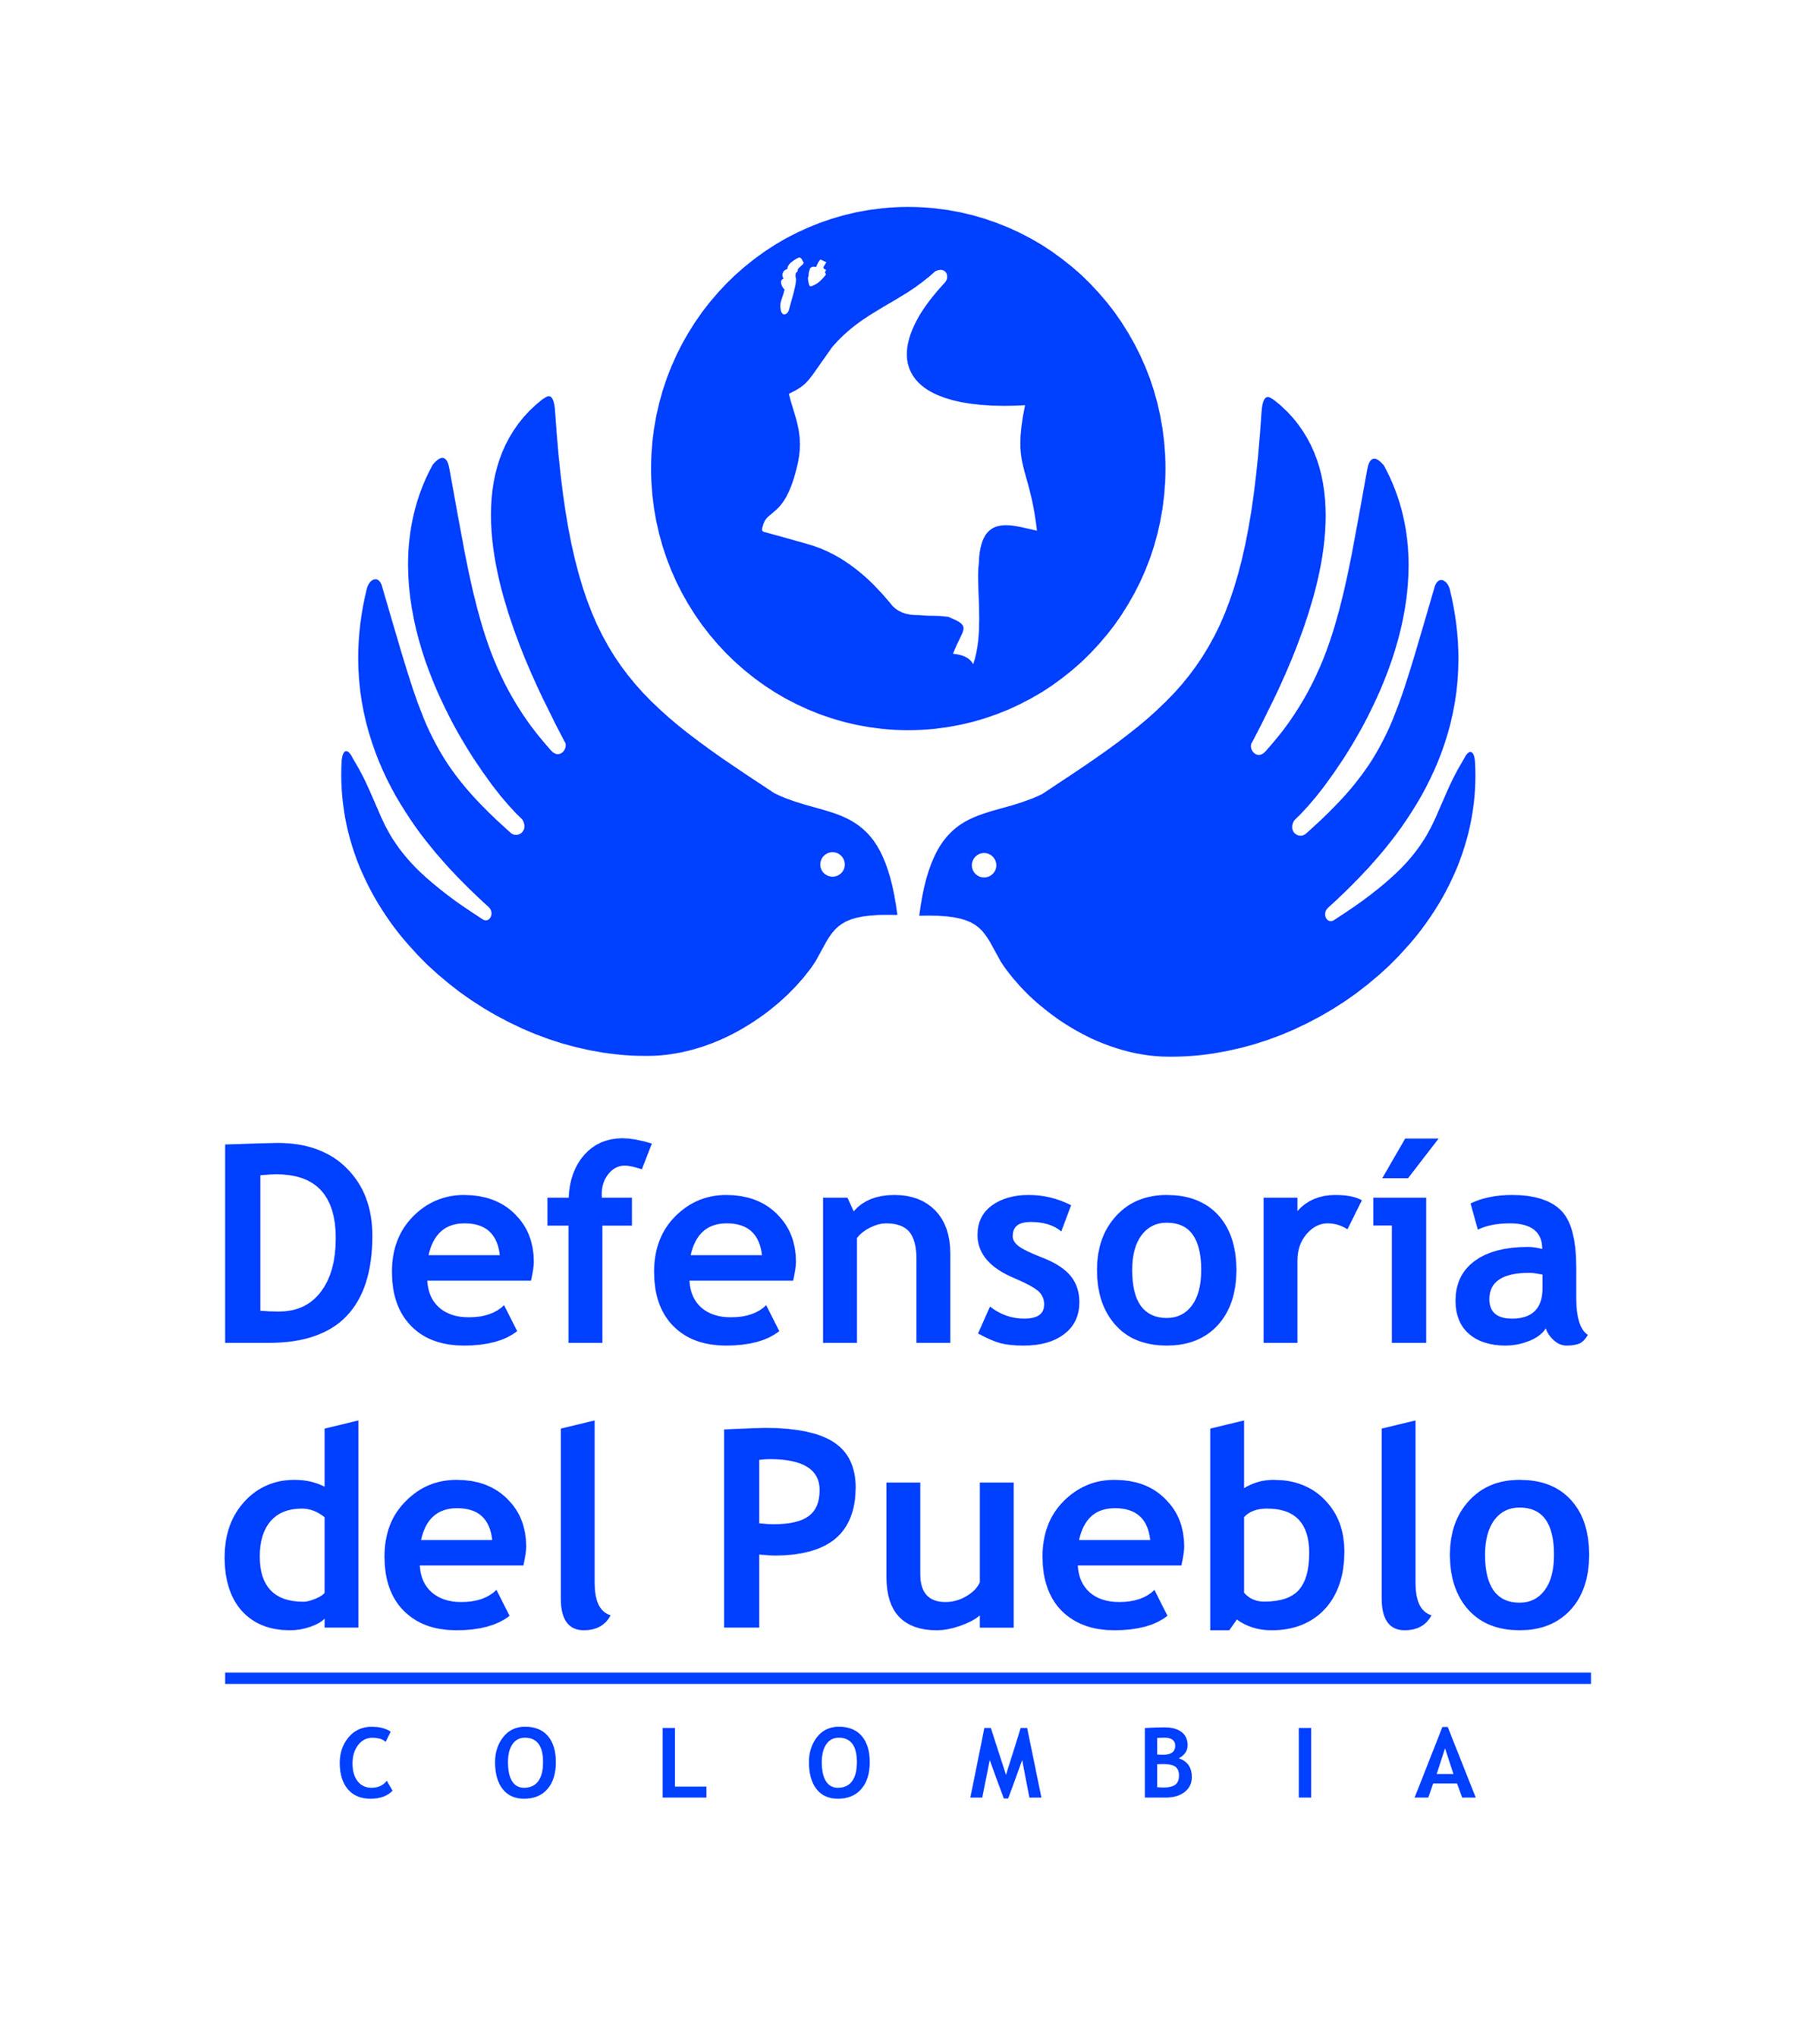 Encuentro regional de Secretarios y Agentes del Ministerio Público se cumplirá en Arauca los días 30 y 31 de marzo.